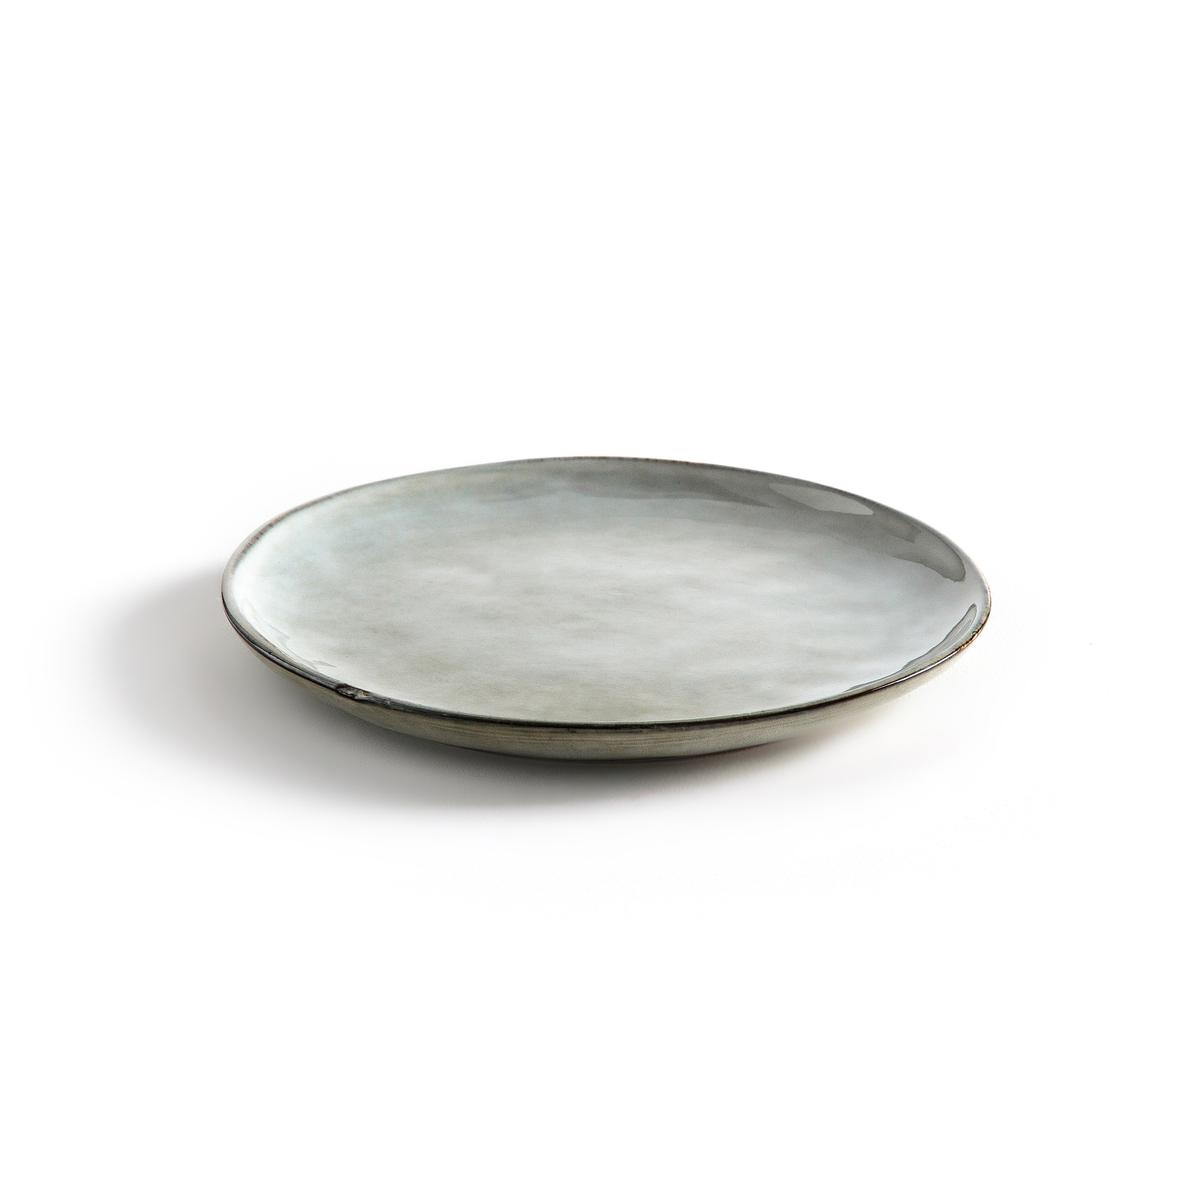 4 тарелки десертные из керамики HorciagОписание:4 тарелки десертные Horciag . Красивый серо-зеленый цвет для стола в стиле дзен . Из керамики, покрытой глазурью. Подходит для посудомоечной машины и микроволновой печи . Размеры : диаметр 20 см. Найдите подходящие плоские тарелки на нашем сайте .<br><br>Цвет: серо-зеленый